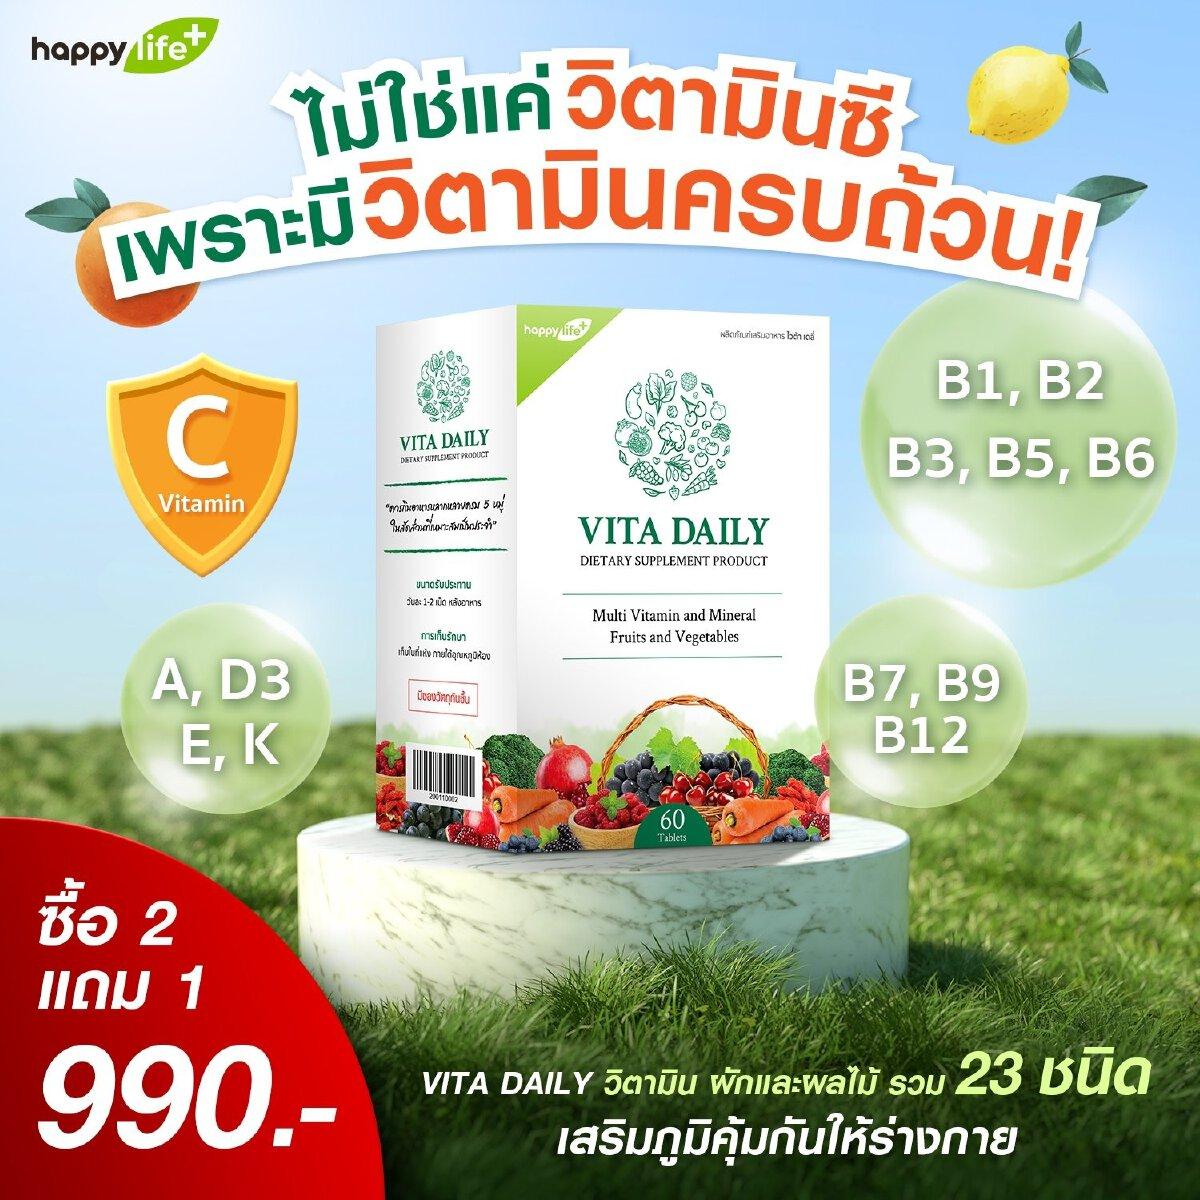 (ภาพ07) Vita daily by happy life+ เสริมภูมิต้านทานด้วยวิตามินจากผักและผลไม้รวม 23 ชนิด เหมือนทานผักและผลไม้สด   - สกัดจาก super fruits หลากหลายชนิด - บำรุงระบบคุ้มกัน สายตา ผิวพรรณ - ได้รับวิตามินและเกลือแร่ครบถ้วน - ได้รับสารต้านอนุมูลอิสระ  พิเศษ ซื้อ 2  แถม 1 ราคาเพียง 990.- ส่งฟรี สั่งซื้อ คลิกเลย  ➤  https://www.happyshopping2you.com/product/Vita-Daily-ผลิตภัณฑ์เสริมอาหาร-วิตามินและผักผลไม้รวม-3กล่อง?utm_source=Komchadluek&utm_medium=Web-Blog&utm_campaign=vitadaily&utm_content=200110152-vitadaily-990   บรรจุกล่องละ 60 เม็ด ปริมาณ 400 มก./ 1 เม็ด เลข อย. 11-1-10249-5-0187